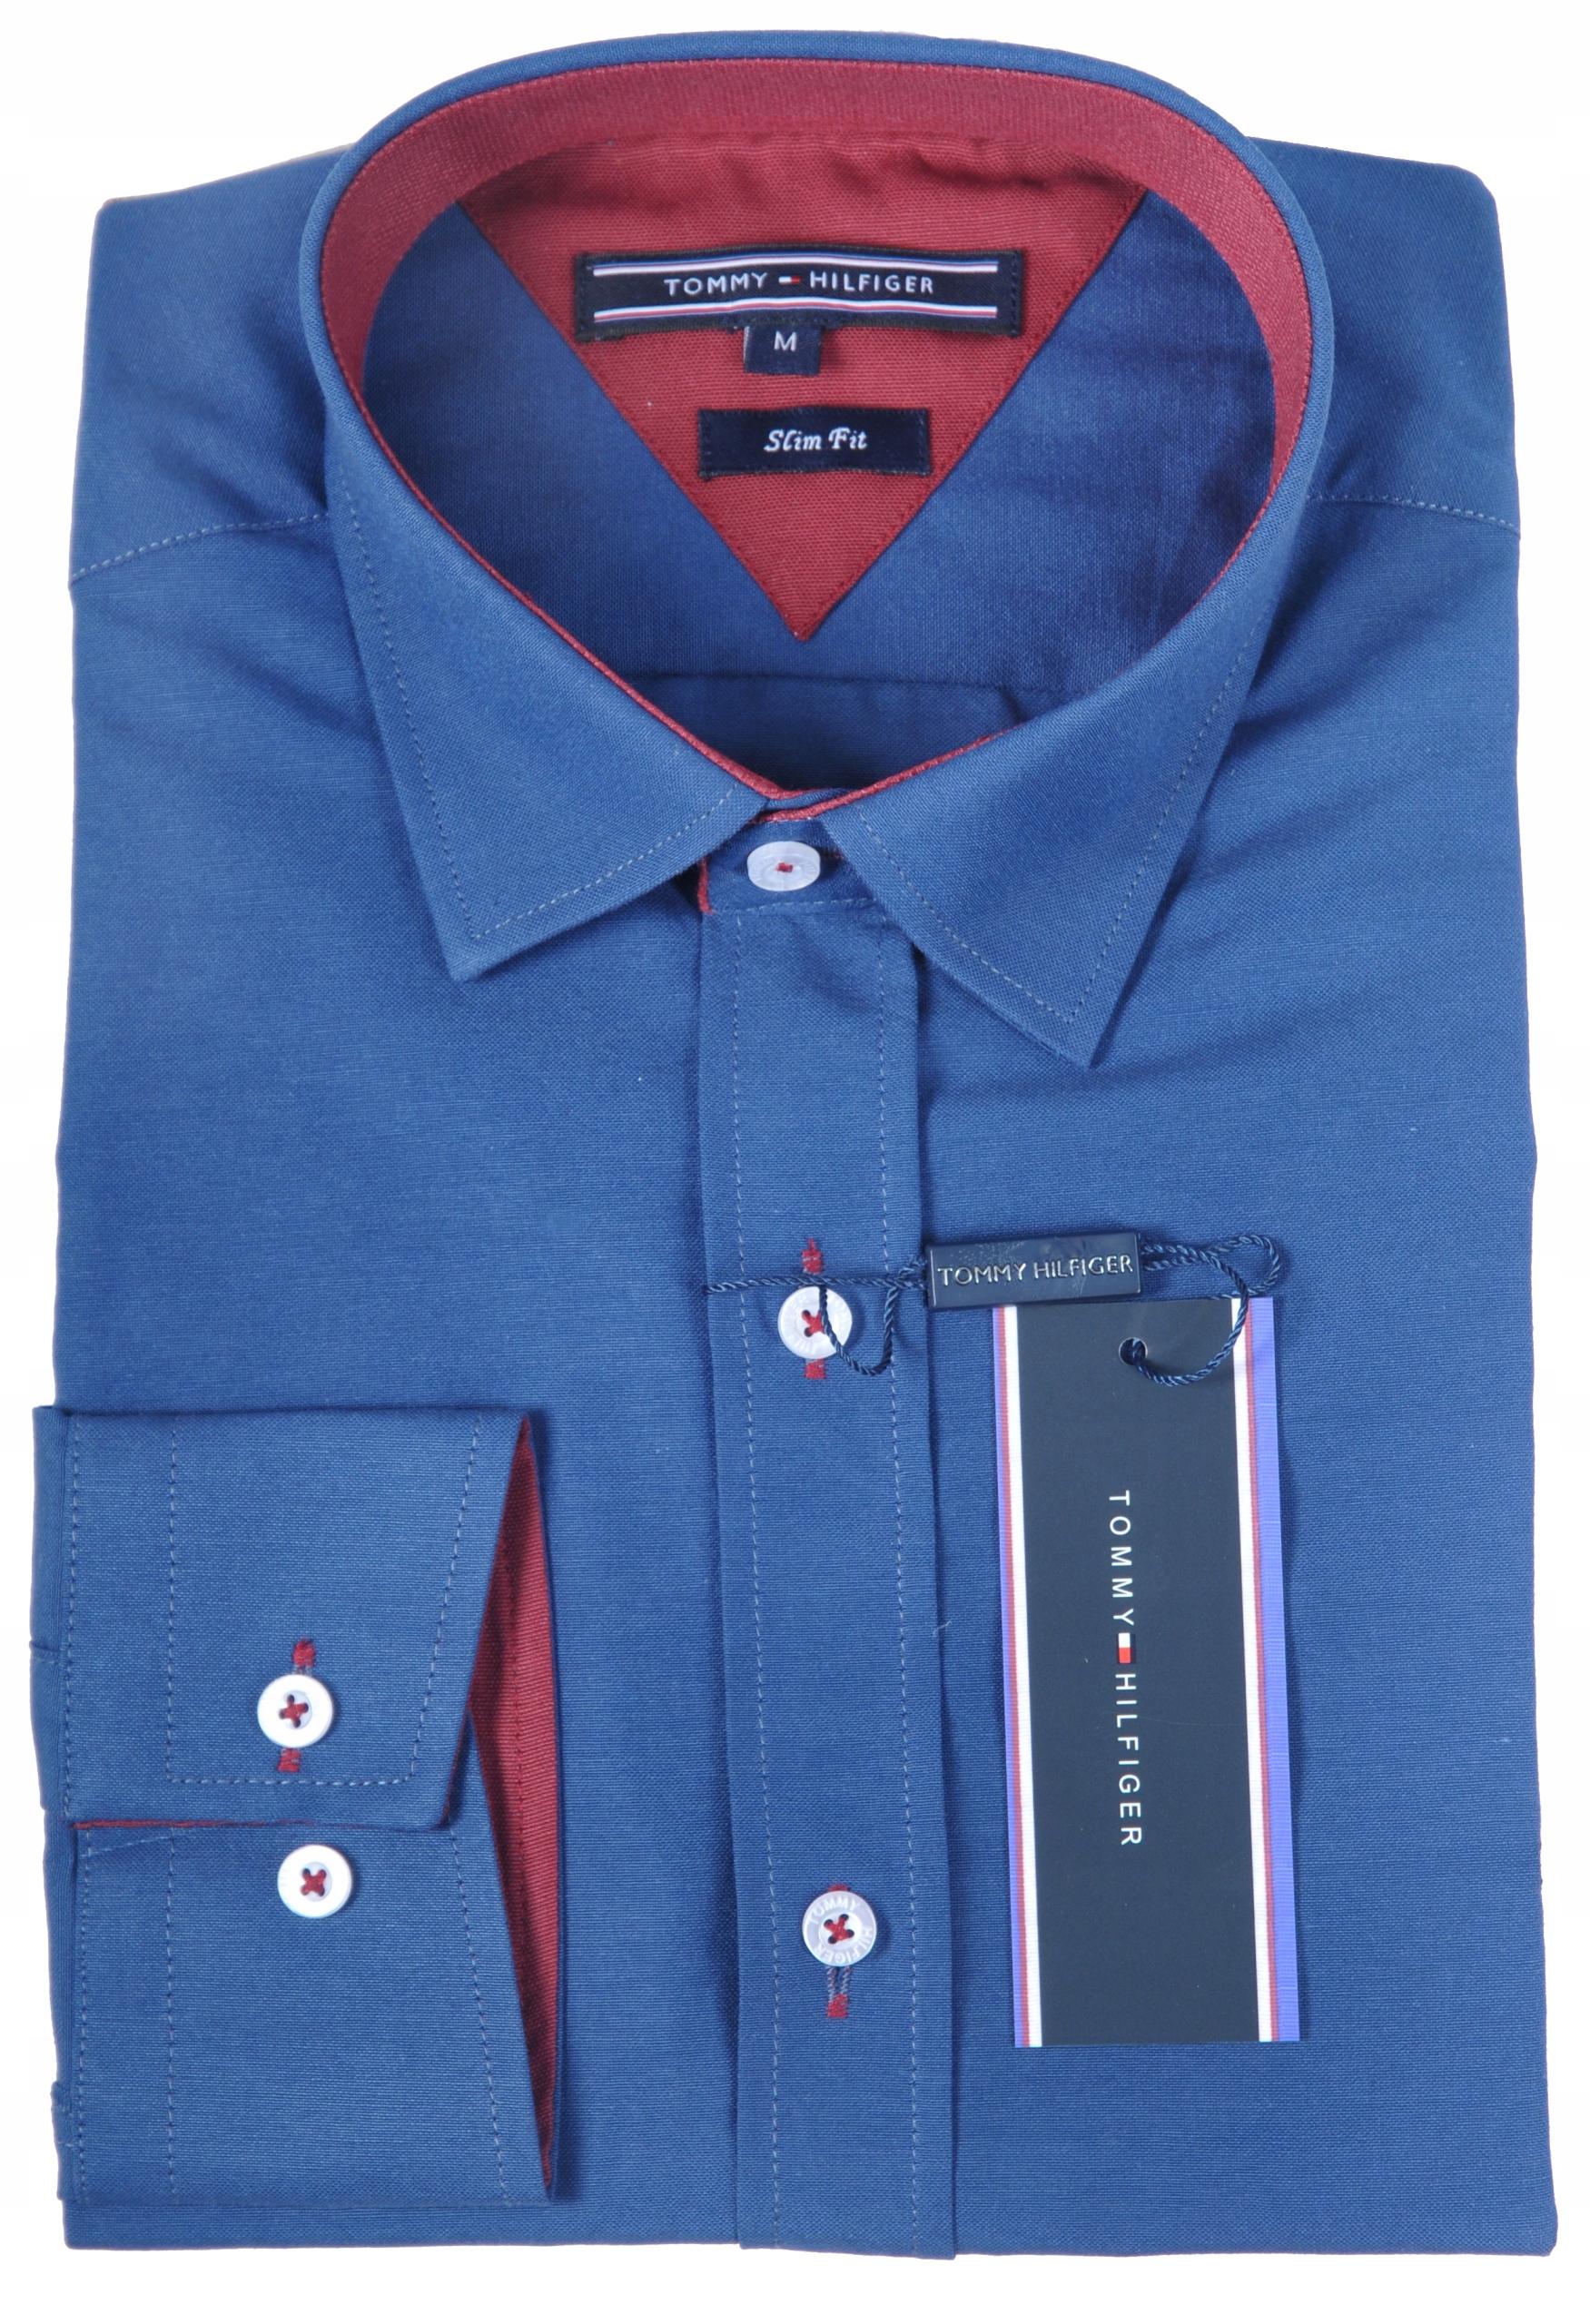 0524bc78c Koszula męska Tommy Hilfiger GRANATOWA Slim Fit M - 7701255499 ...